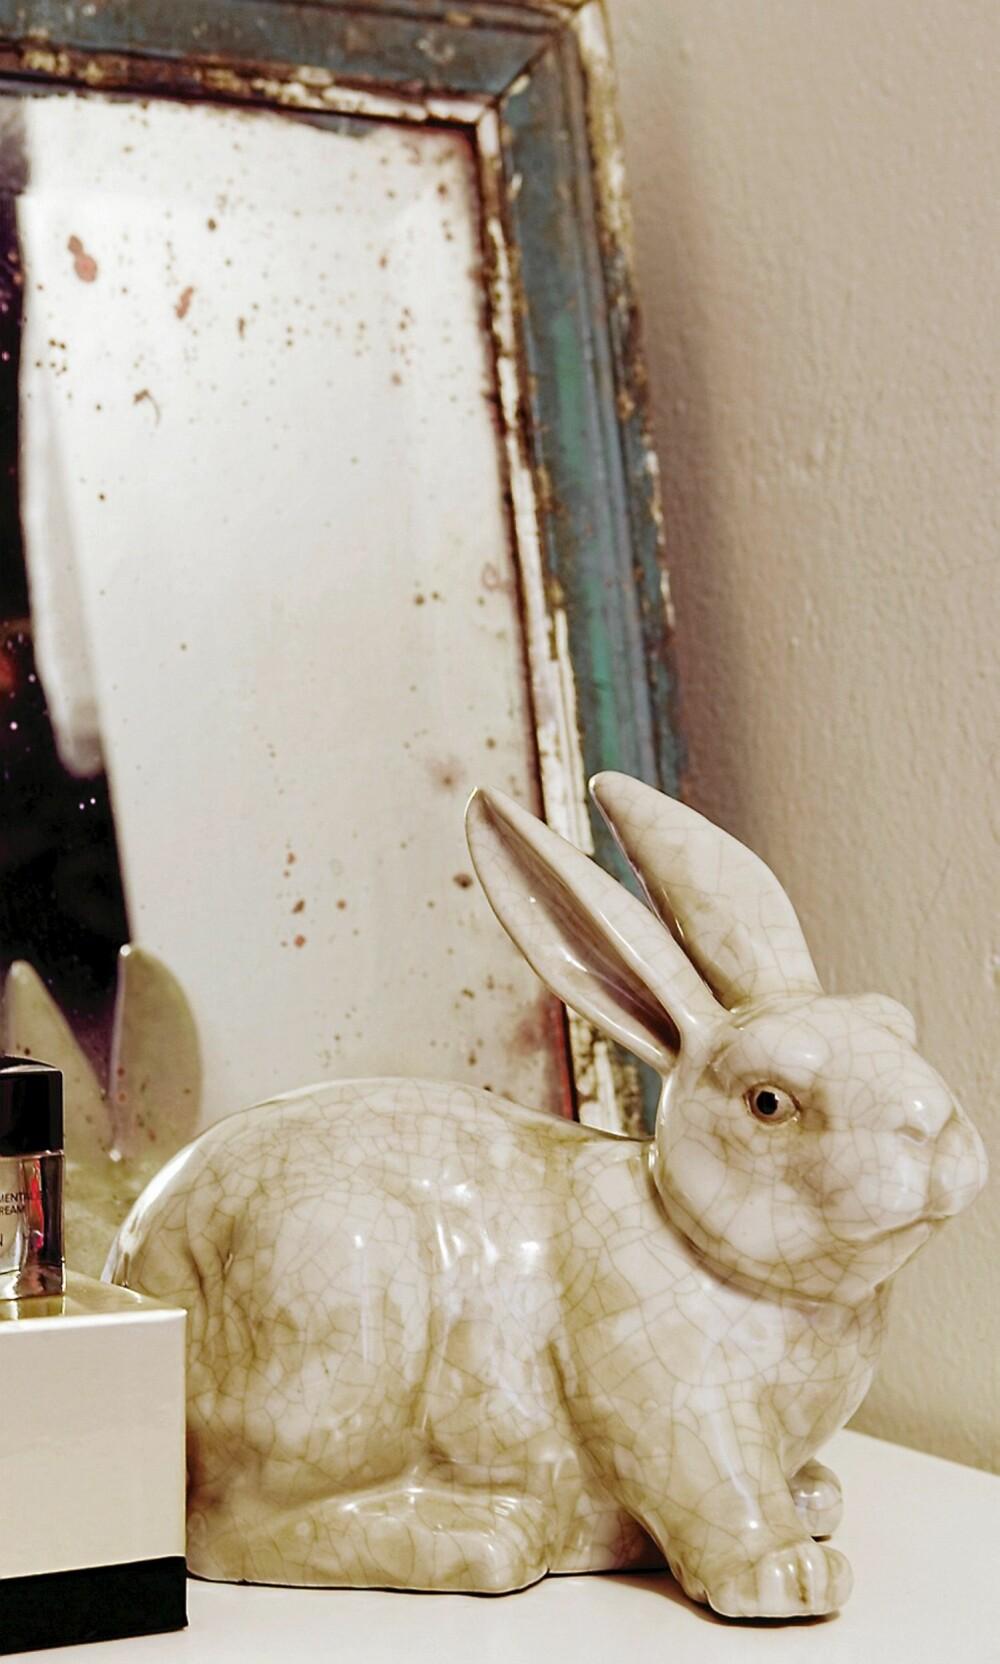 SØTE DETALJER. Kaninen er en gave og har fått hedersplass på kommoden. Speilet har hatt lang levetid.